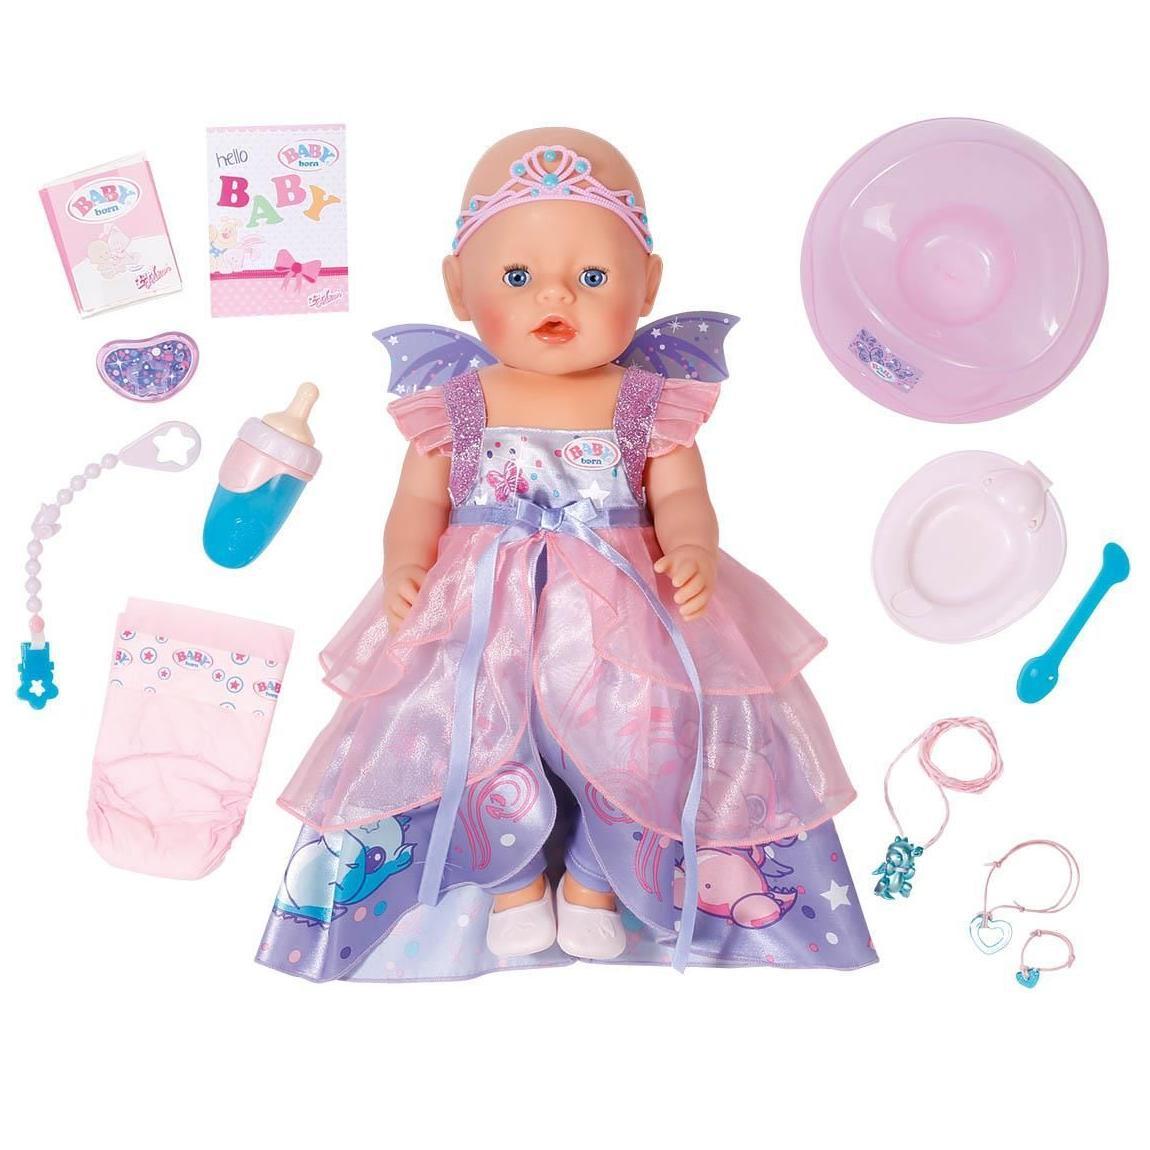 Кукла интерактивная Волшебница из серии Baby born, 43 см.Куклы-пупсы Baby Born<br>Кукла интерактивная Волшебница из серии Baby born, 43 см.<br>